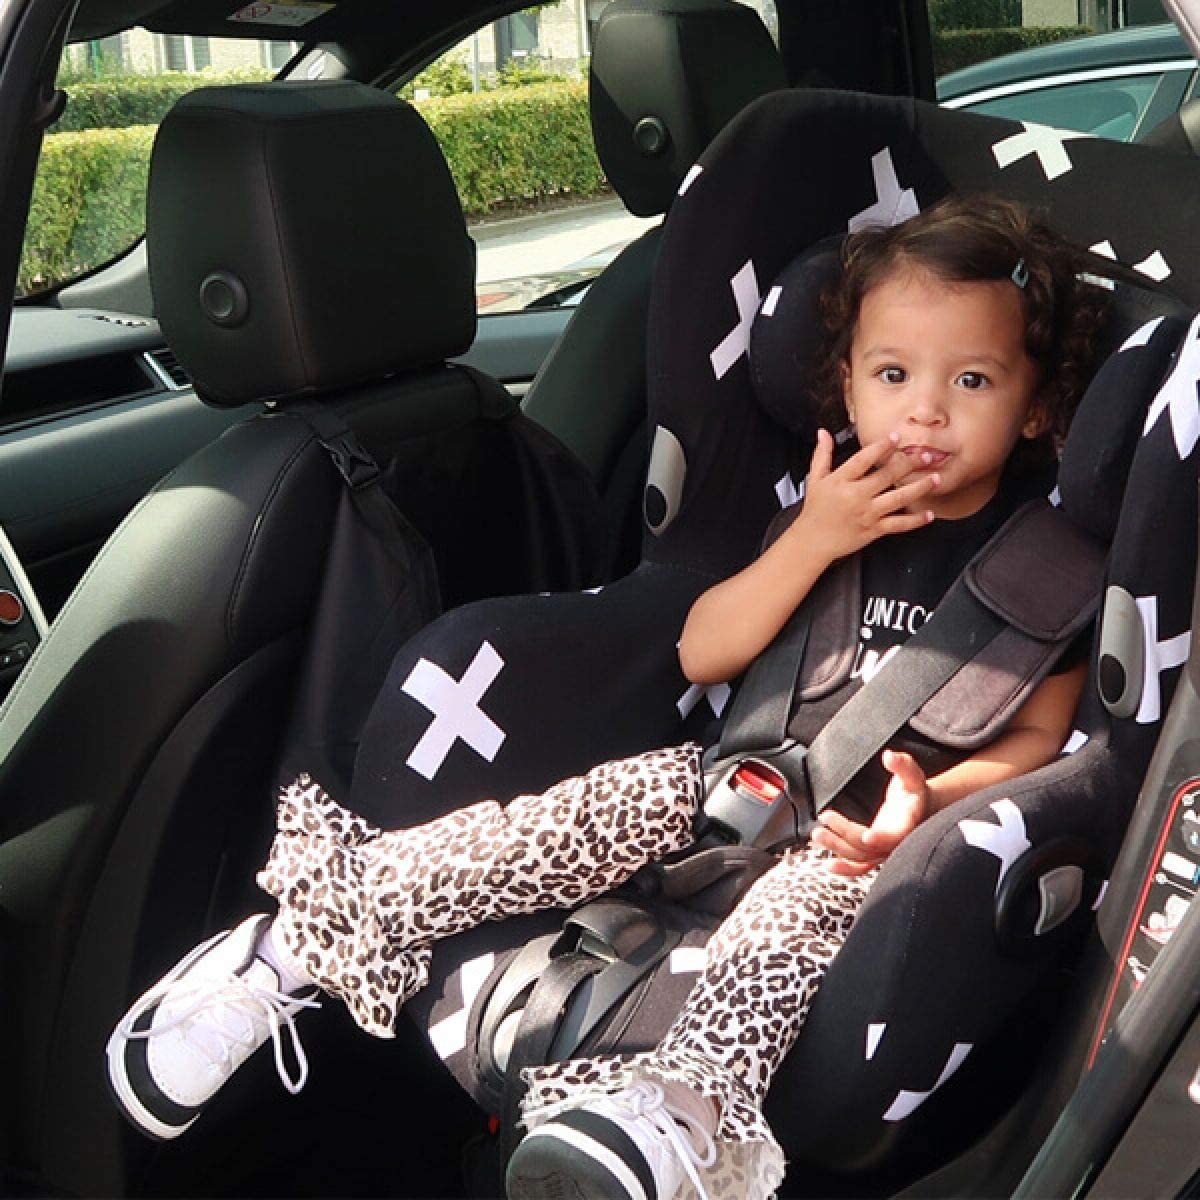 Housse Siege Auto Bebe Pour Coque Maxi Cosi Axiss Bebe Confort Protection Indispensable pour plus de Confort Coton Oeko-Tex Certifi/é Noir Monochrome